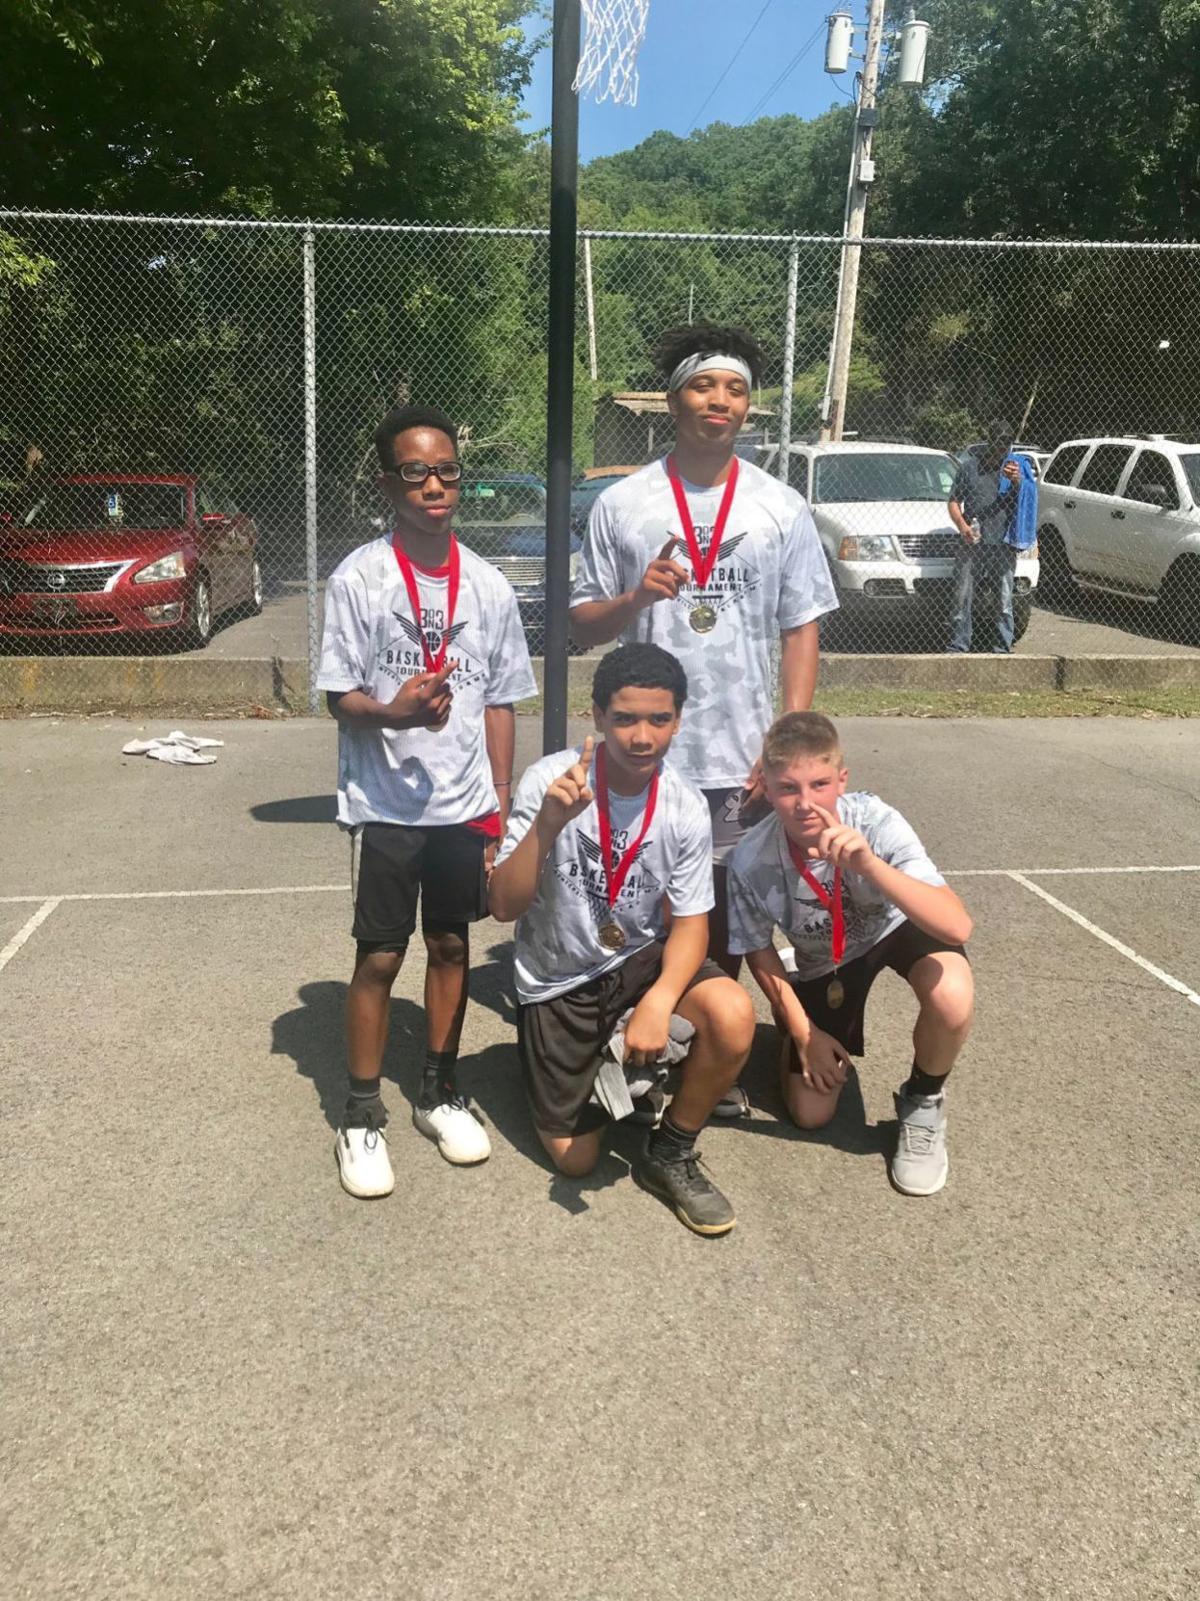 15-18 Age Group Winners